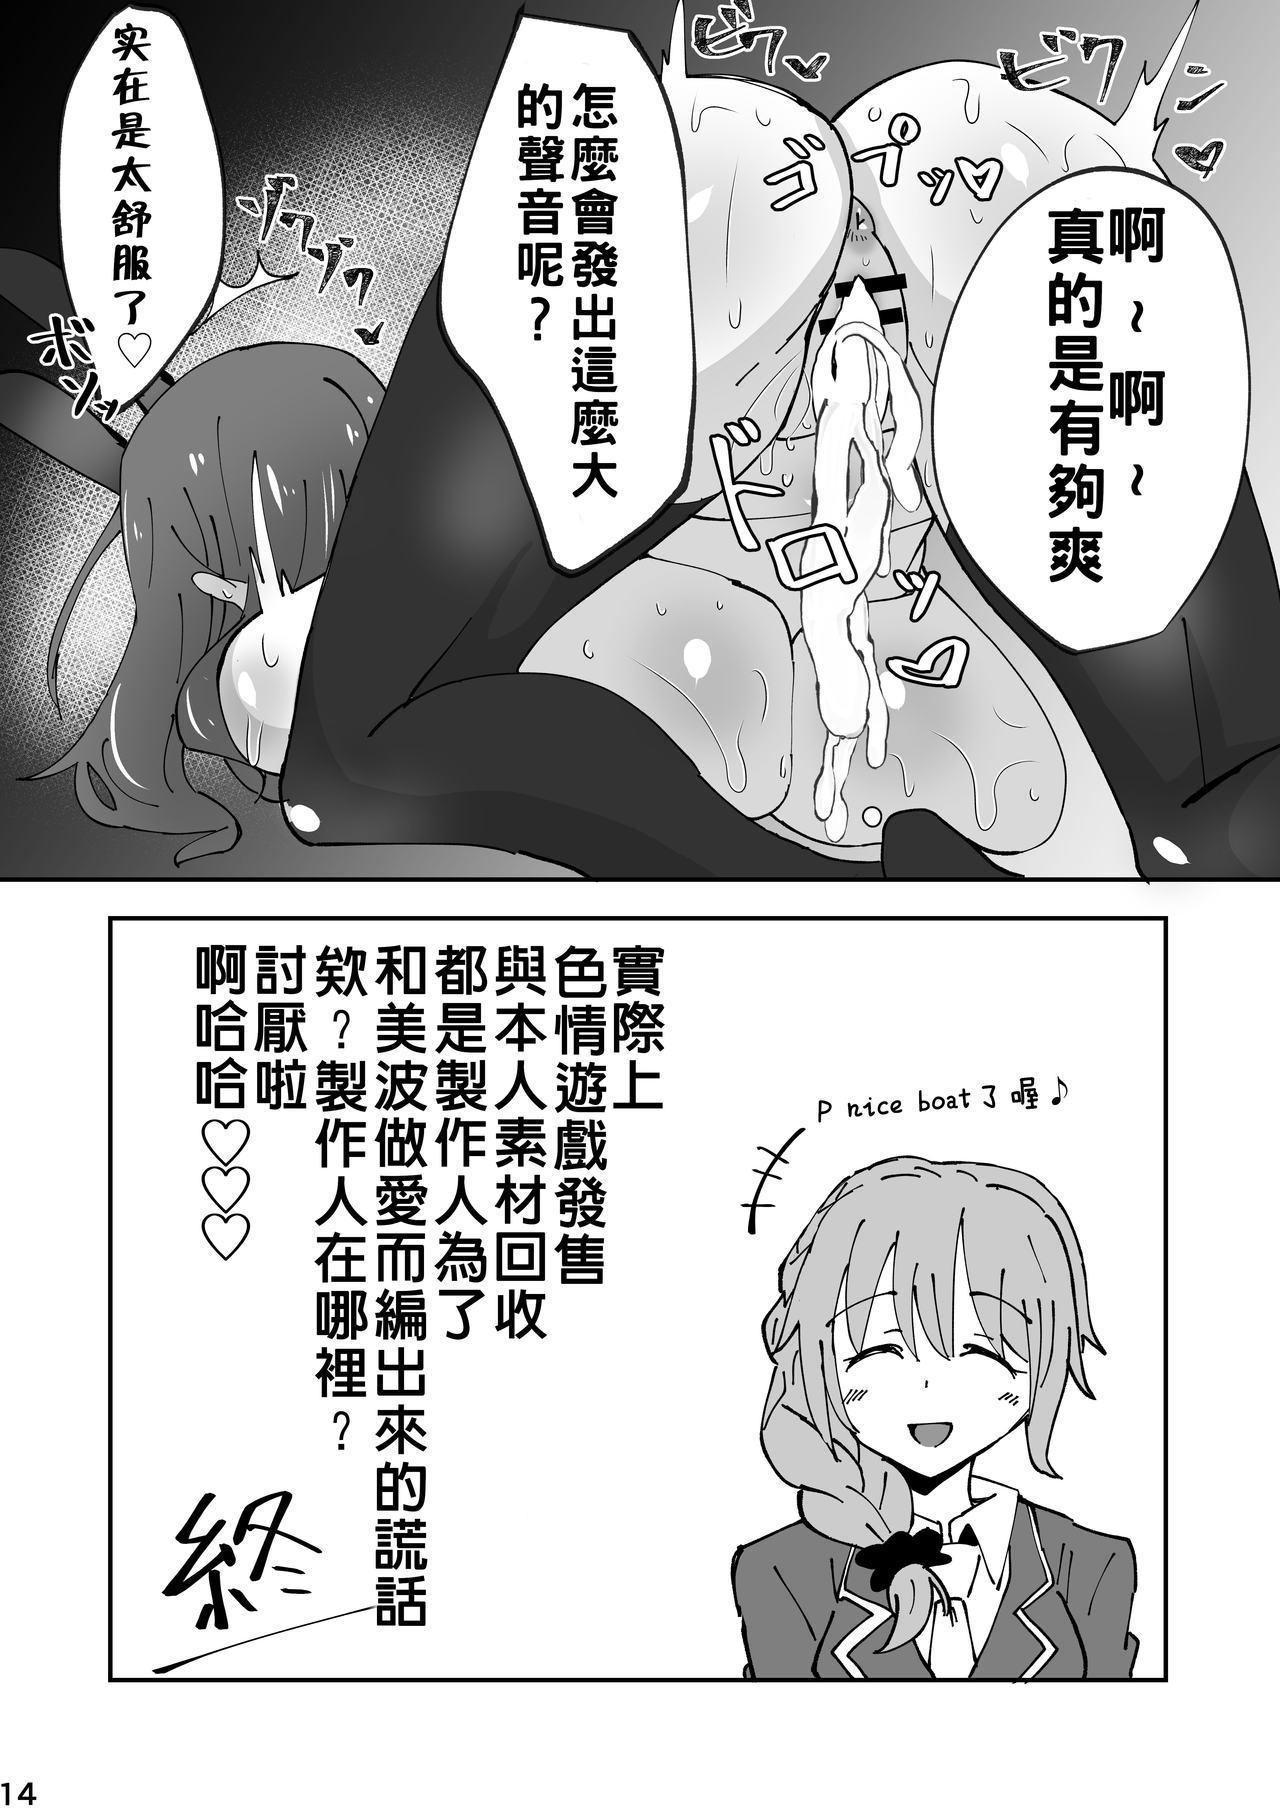 Minami! Eroge Tsukurukara Ippatsu Yarasete Kure! 14